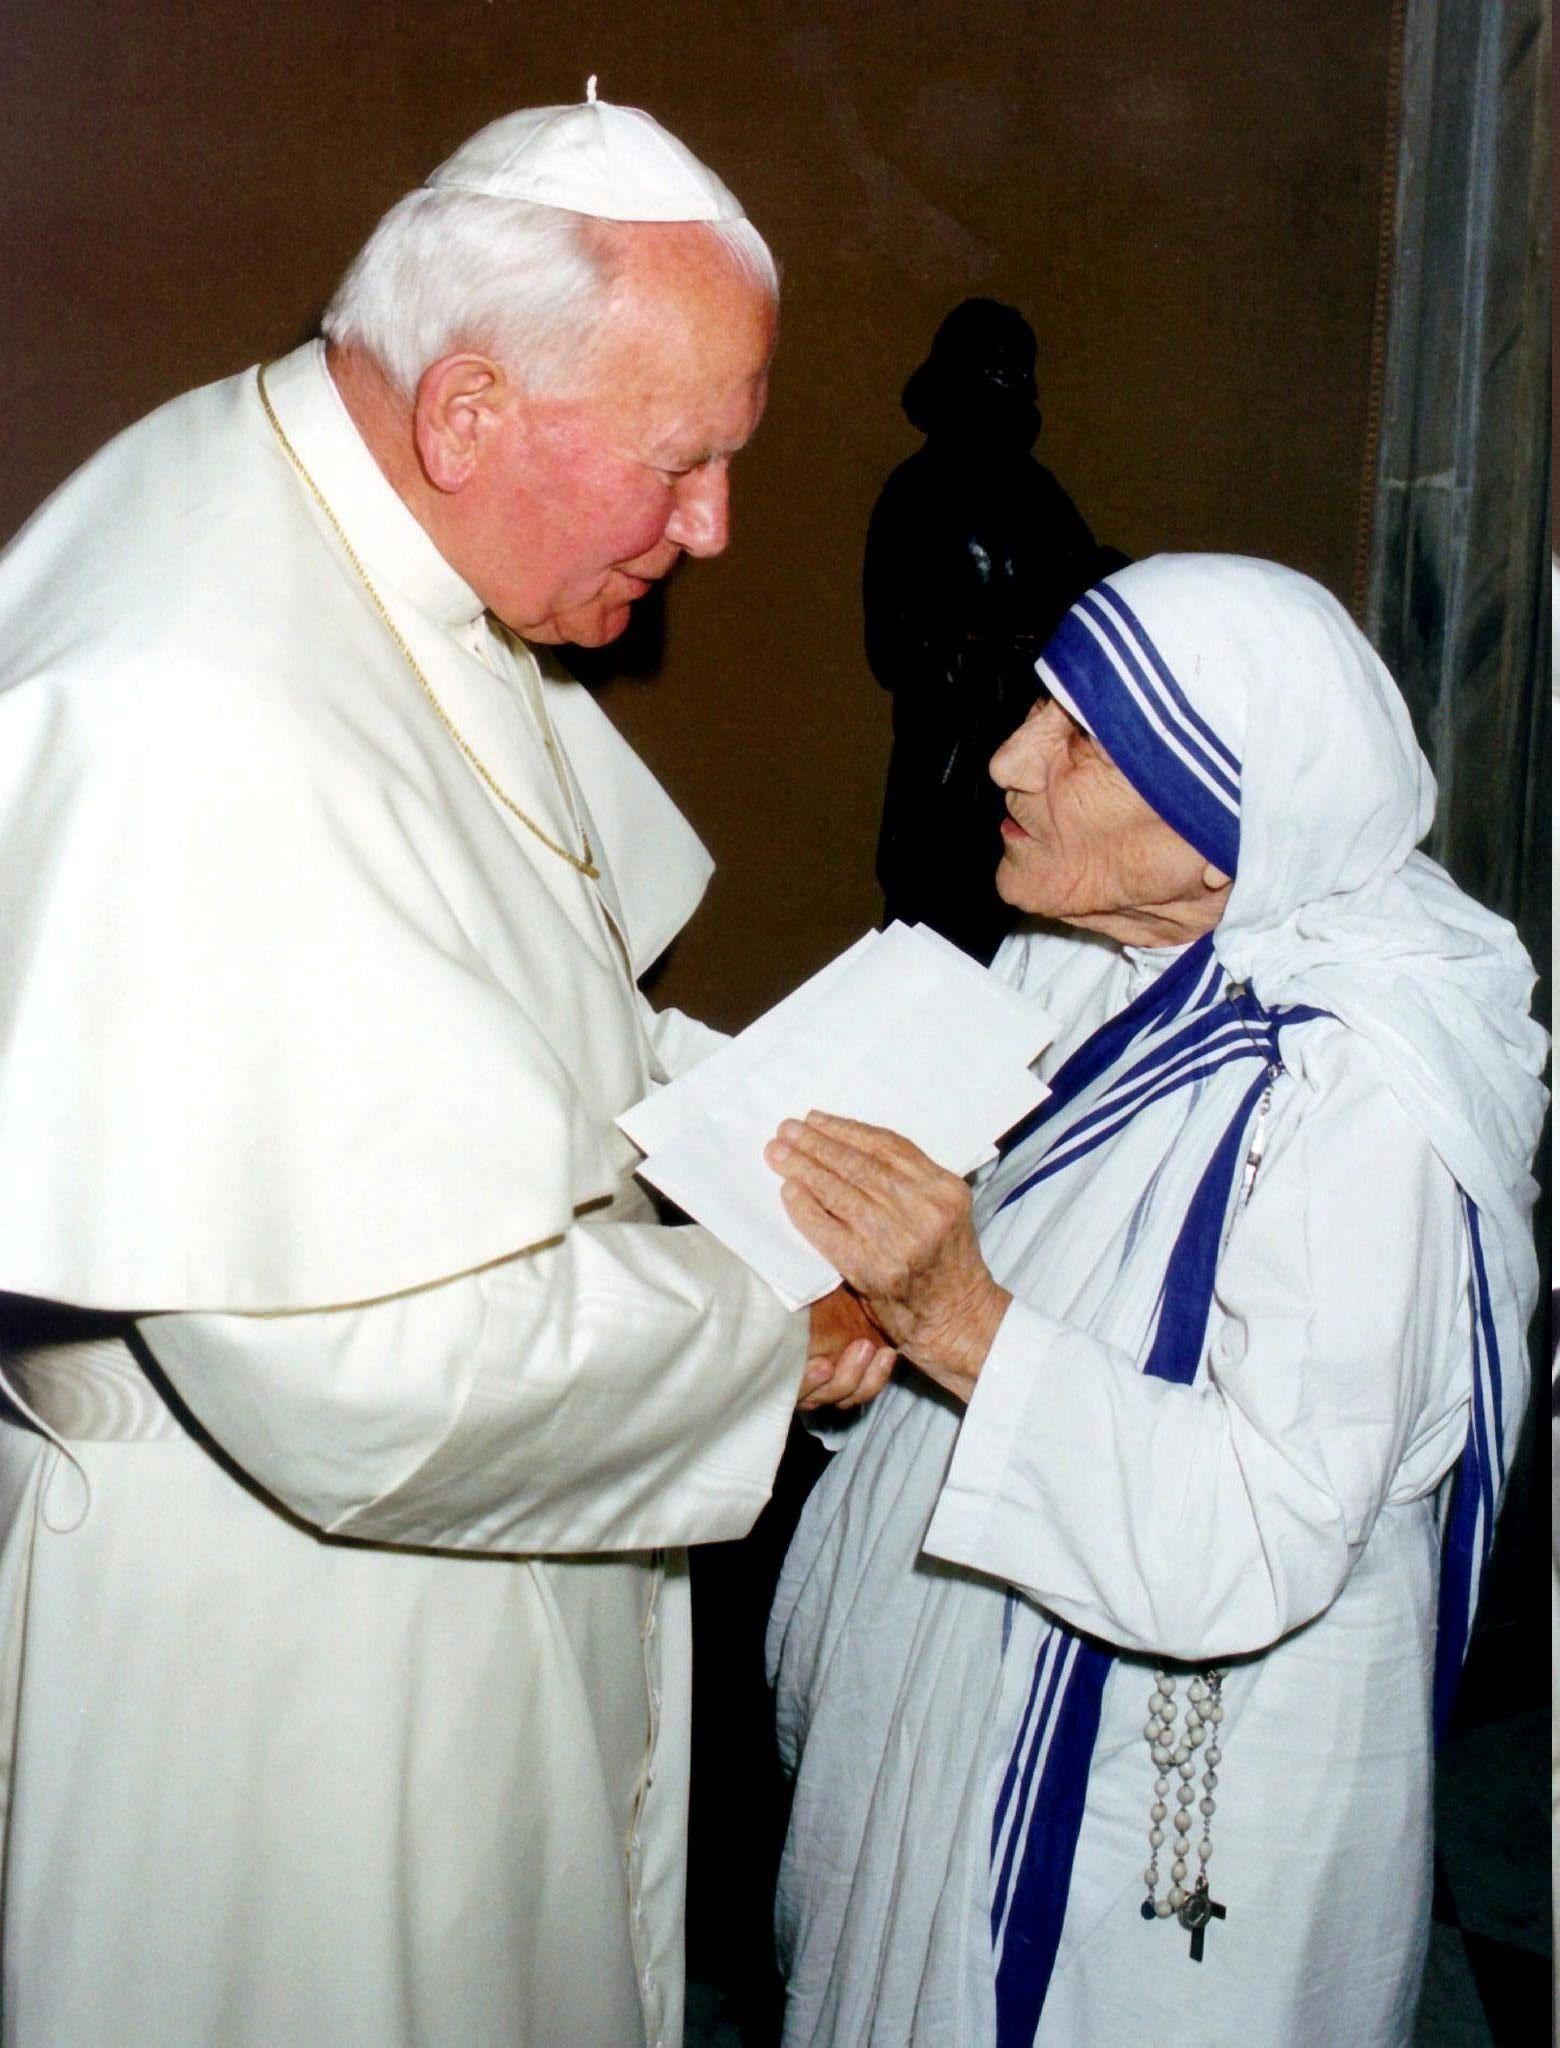 VAT02 VATICANO 01/09/2016.- Fotografía de archivo tomada el 20 de mayo de 1997 que muestra al papa Juan Pablo II (i) que sostiene la mano de la Madre Teresa de Calcuta durante una reunión en el Vaticano. La Madre Teresa, nacida el 26 de agosto de 1910 y fallecida el 5 de septiembre de 1997, fue beatificada en 2003 por el papa Juan Pablo II y será canonizada el próximo 4 de septiembre de 2016 en el Vaticano por el papa Francisco. EFE/Vatican Pool